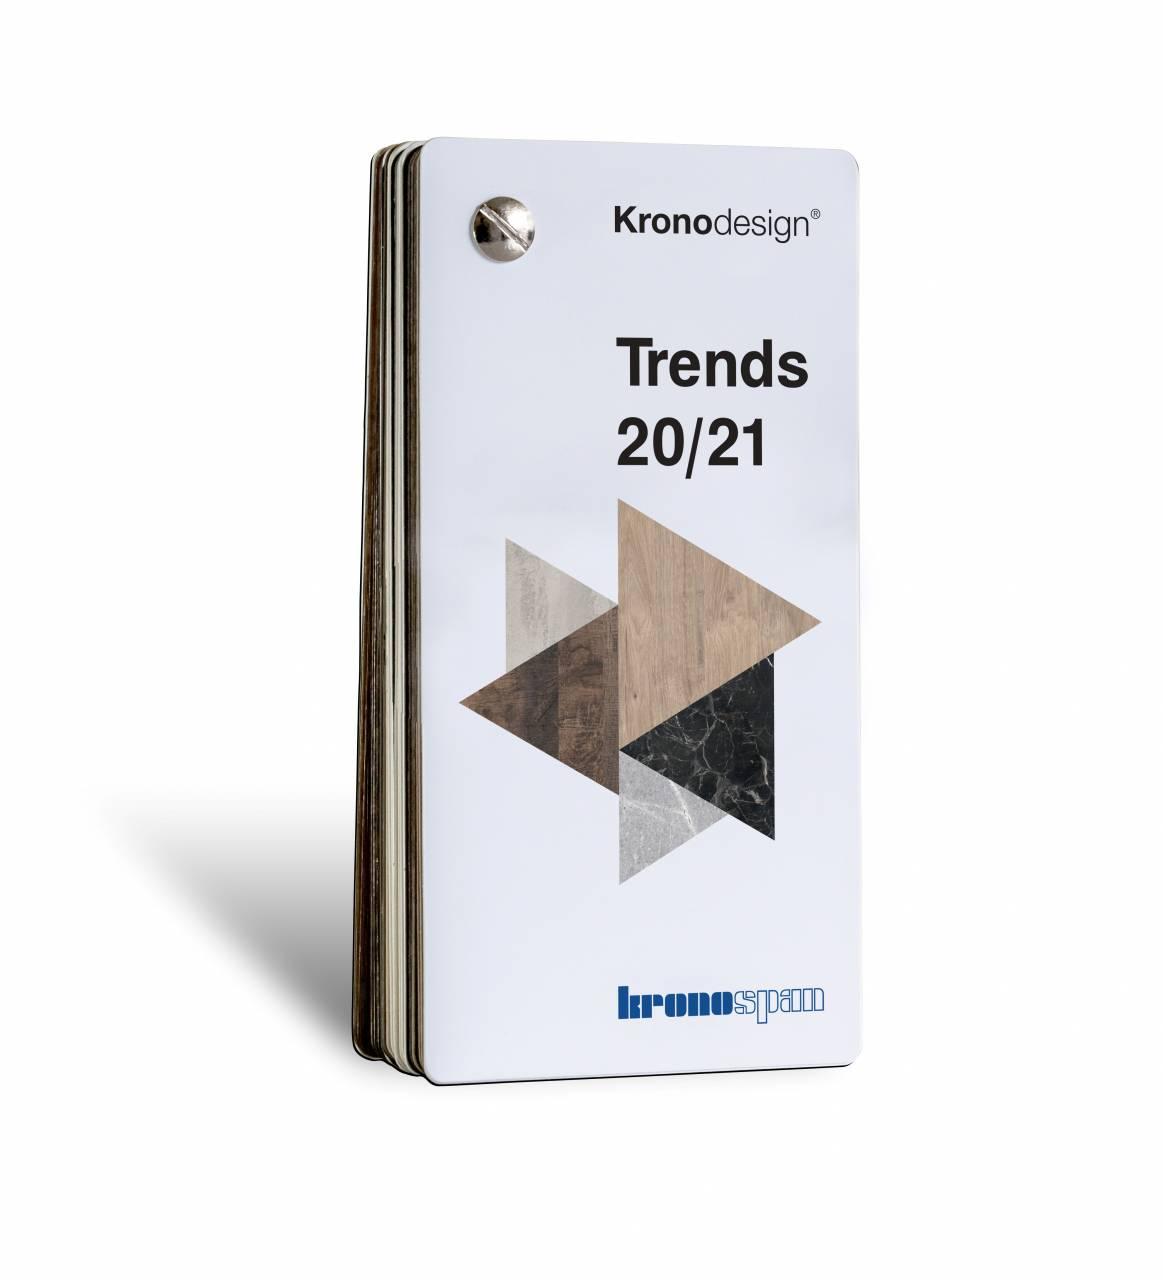 Kronodesign® Trends 20/21 Swatch